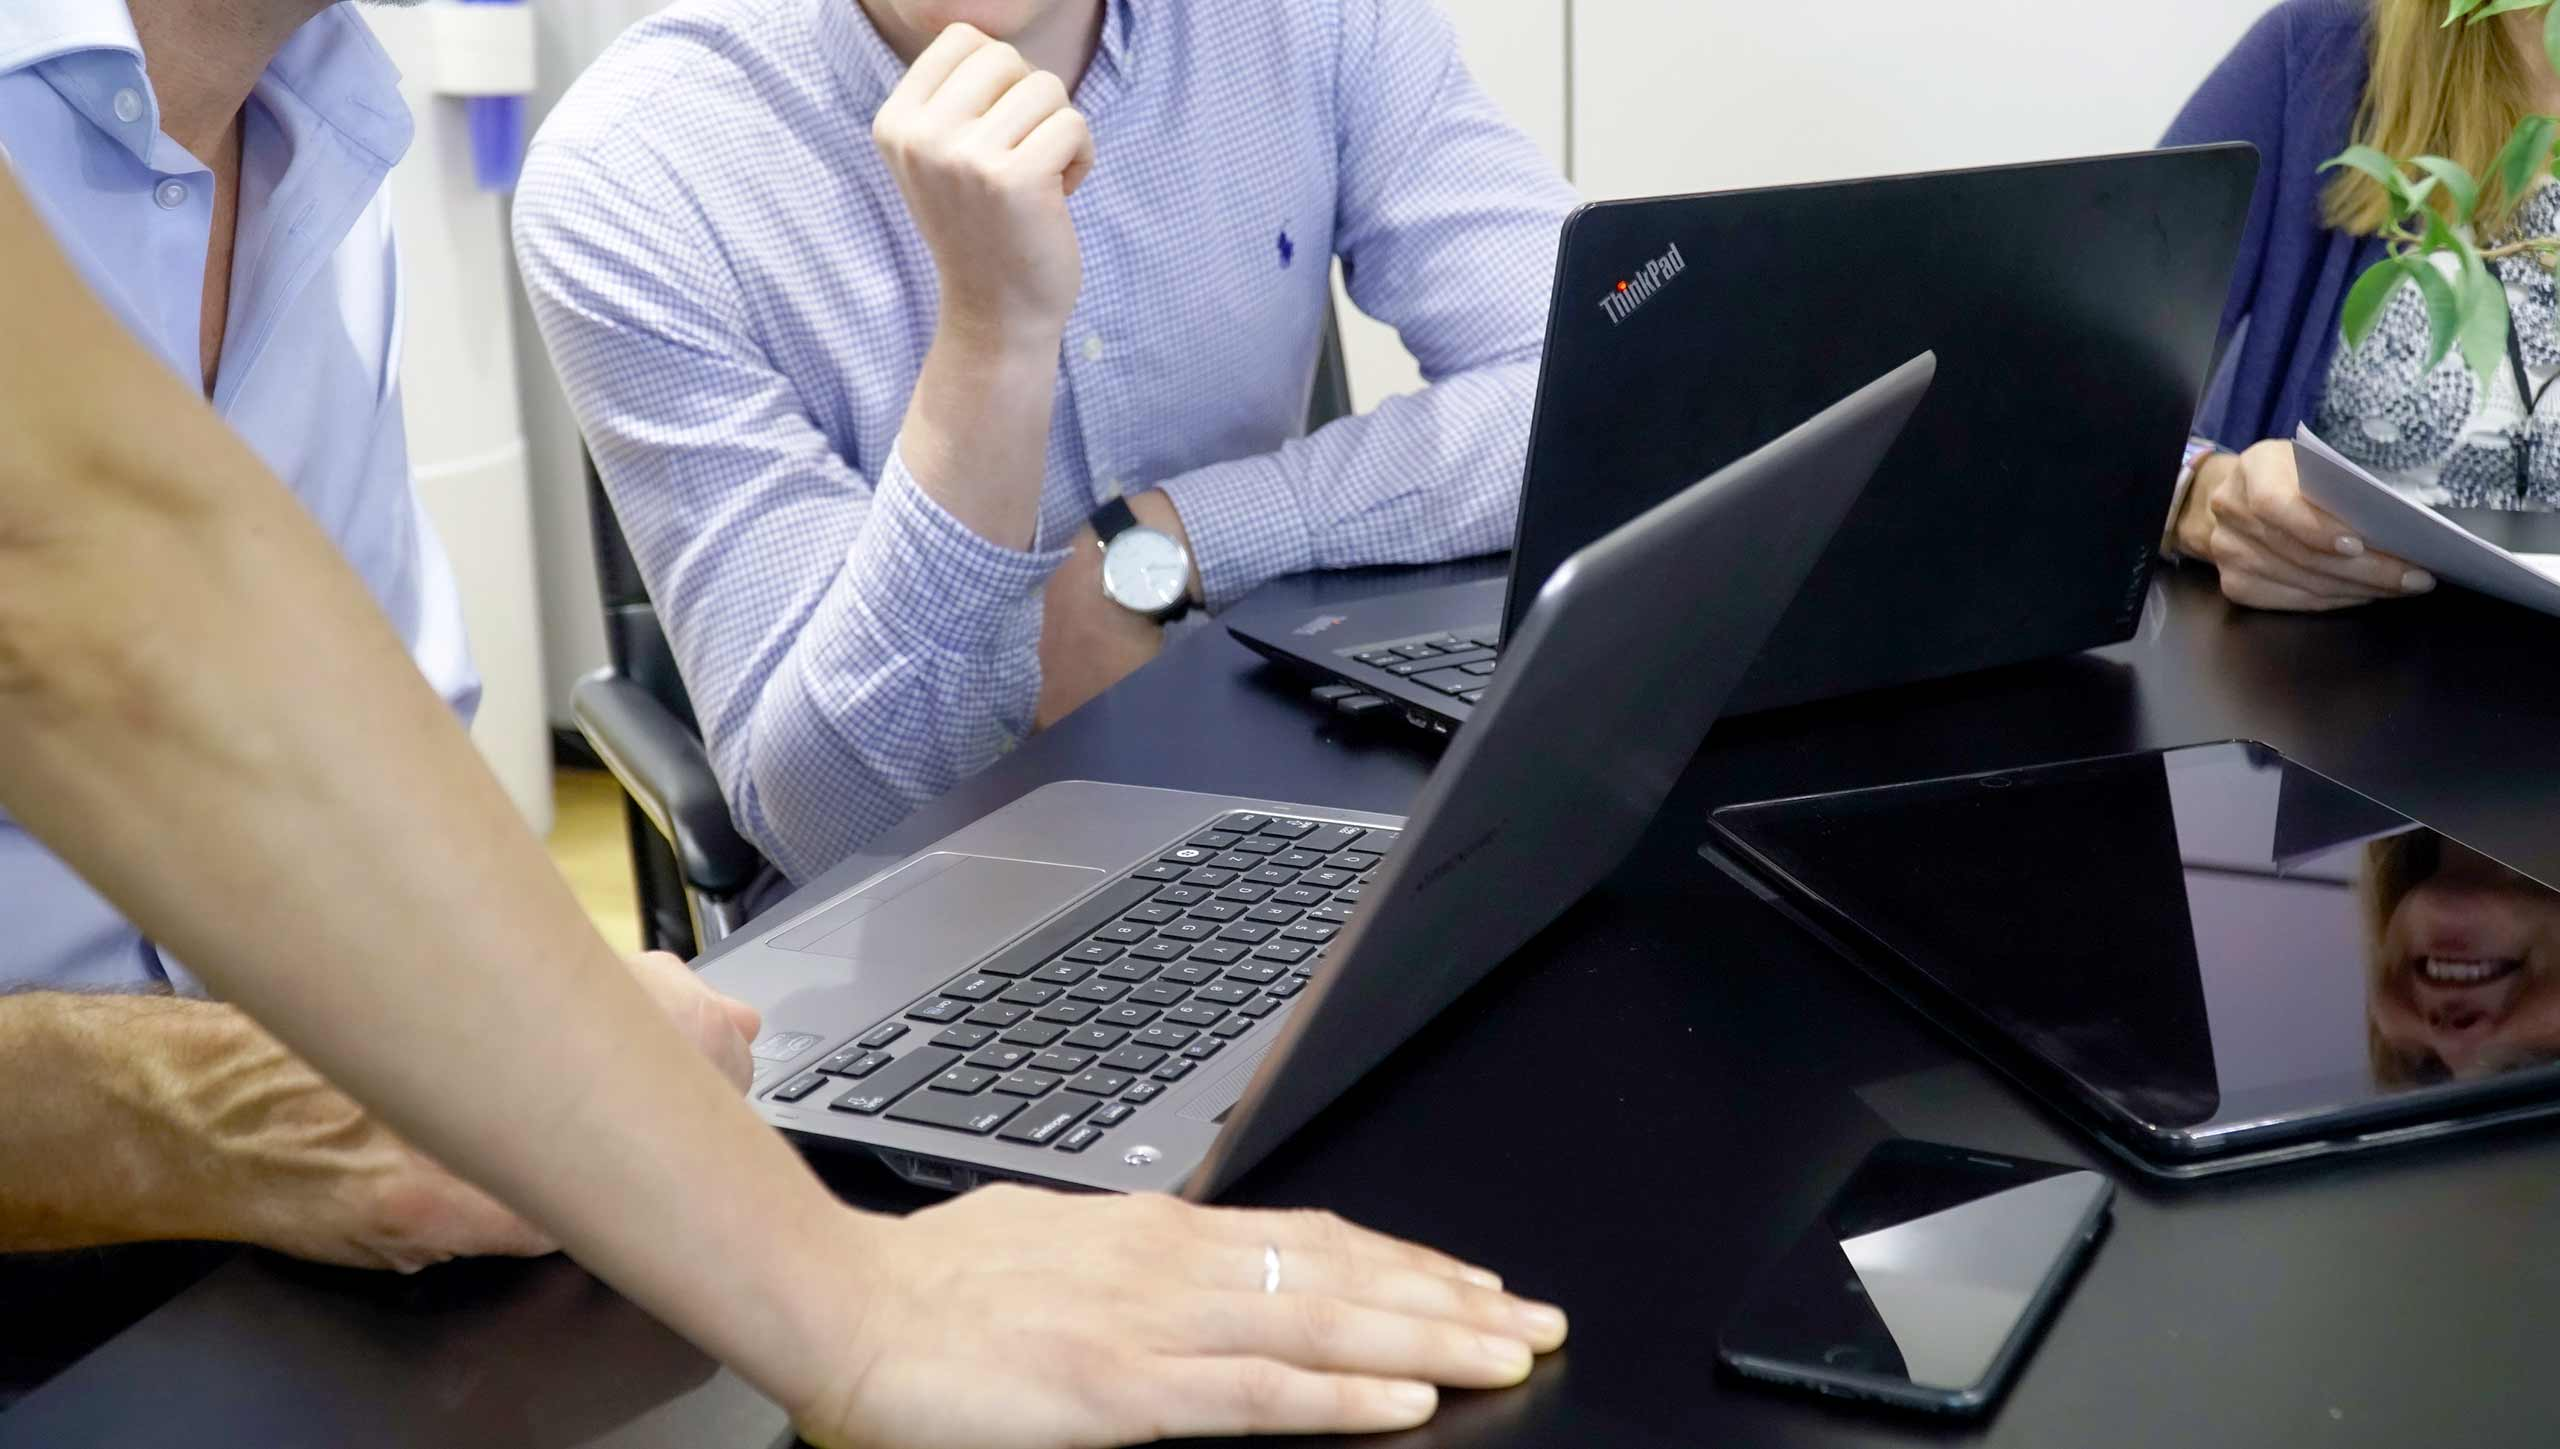 Laptops-Meeting